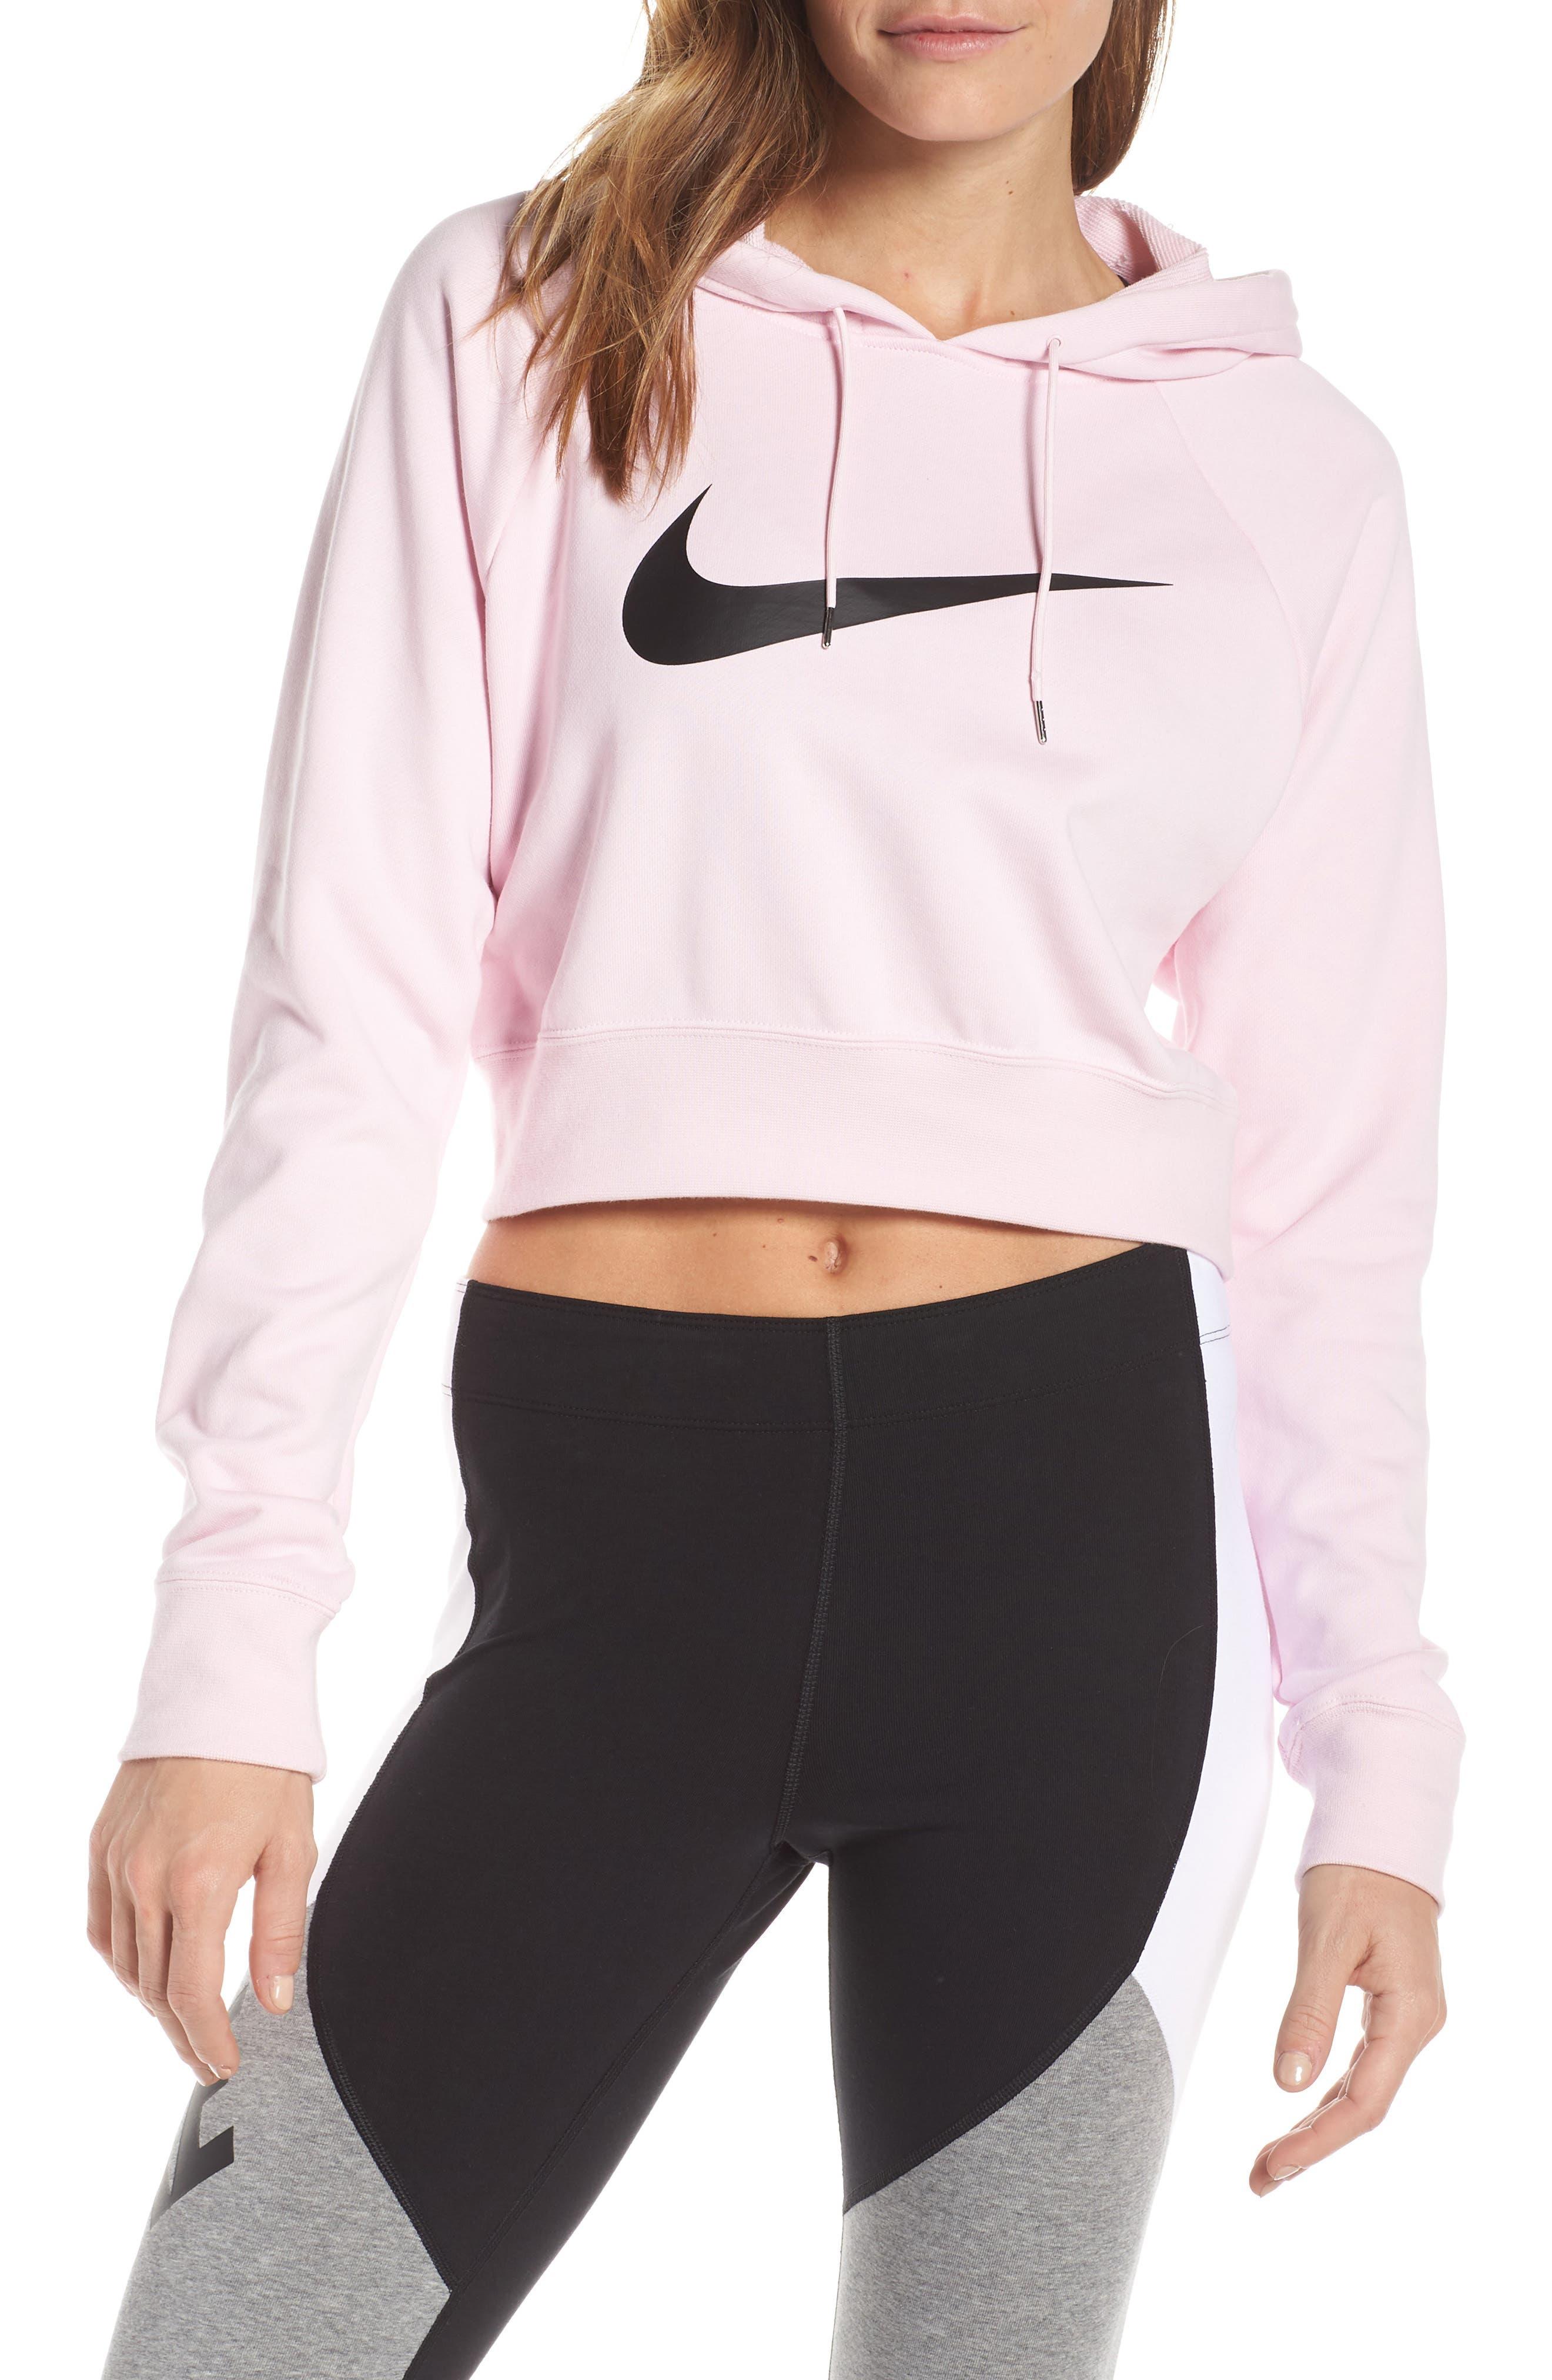 NIKE Sportswear Women's Cropped Hoodie, Main, color, PINK FOAM/ BLACK